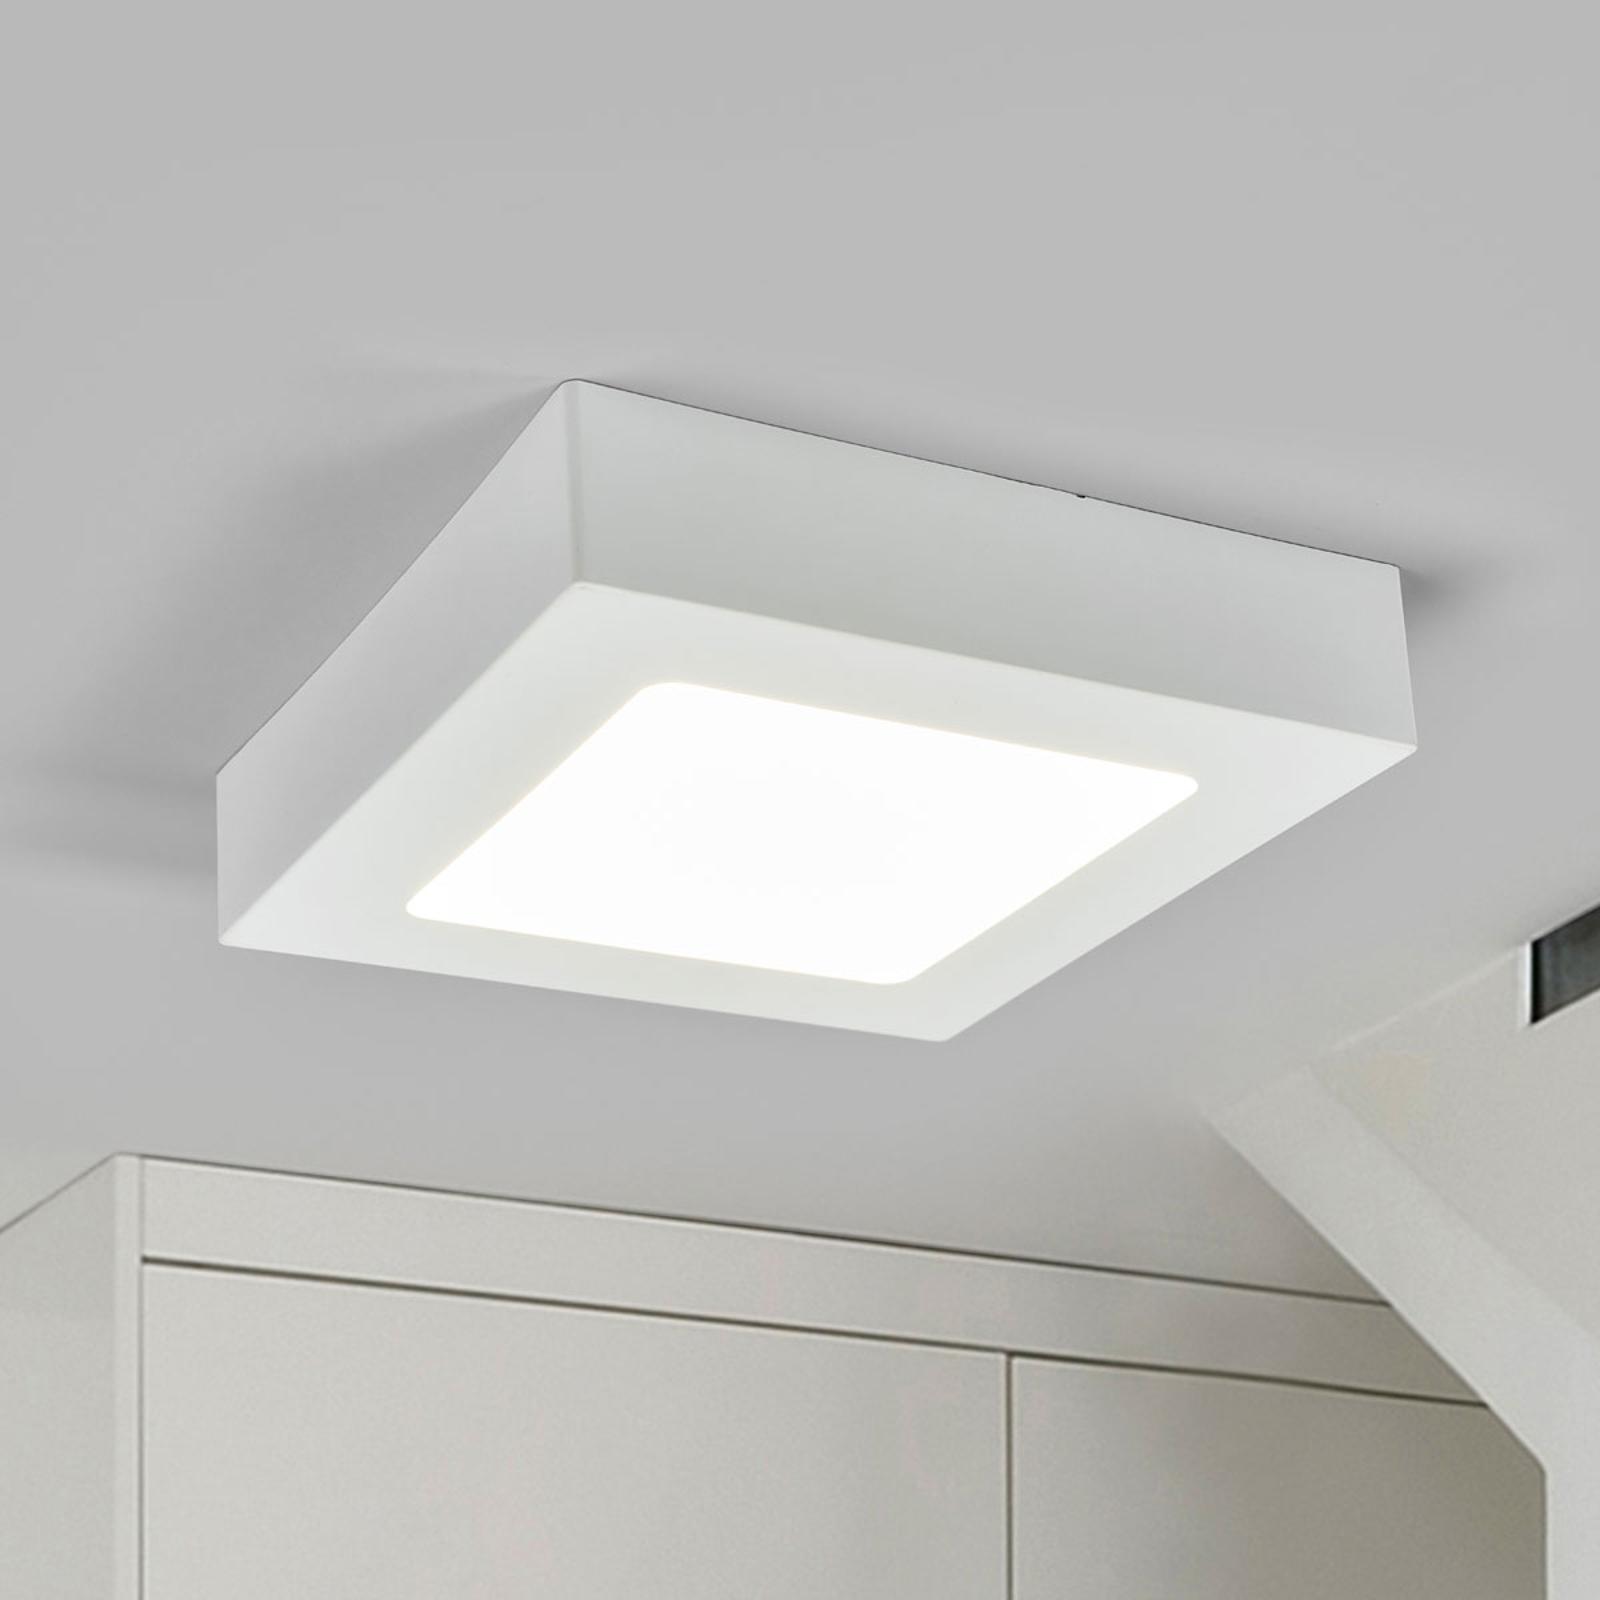 LED stropní svítidlo Marlo 4000K hranaté 18,1cm